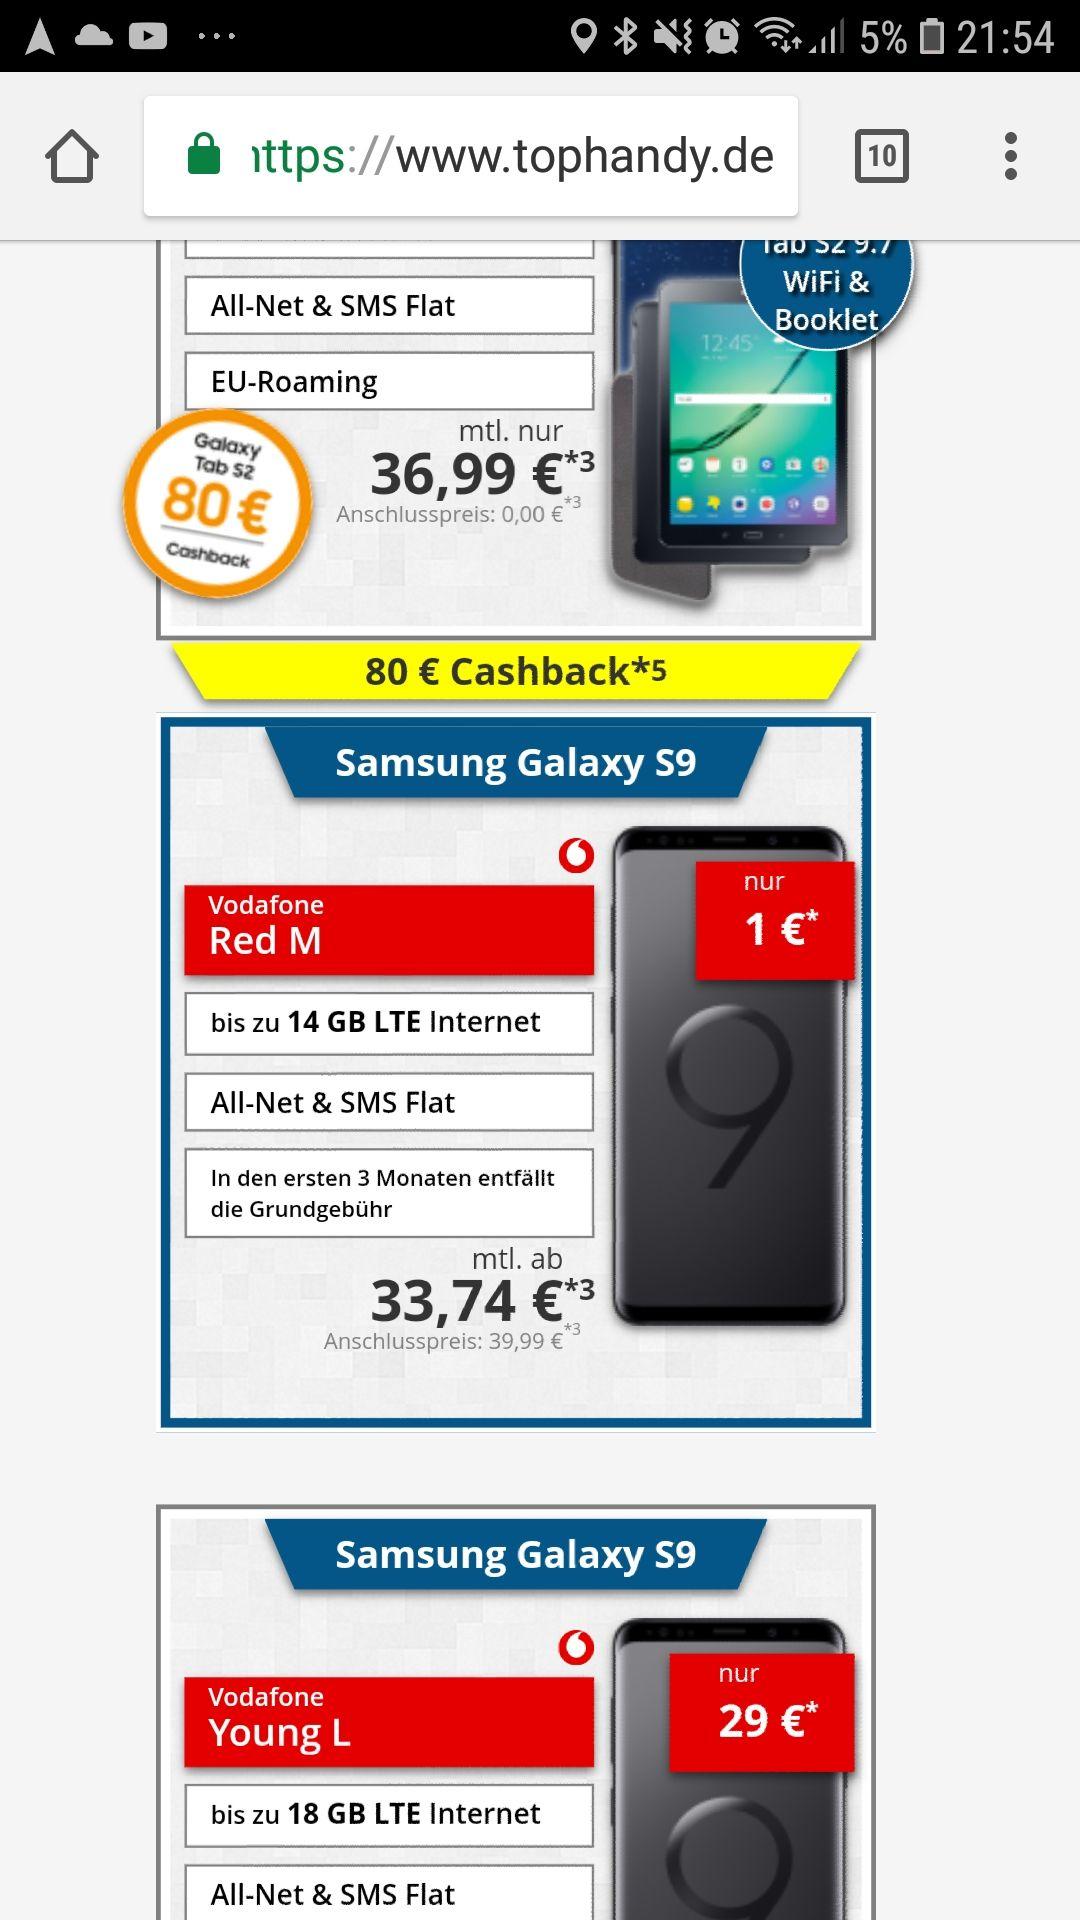 Vodafone Red M mit Galaxy S9